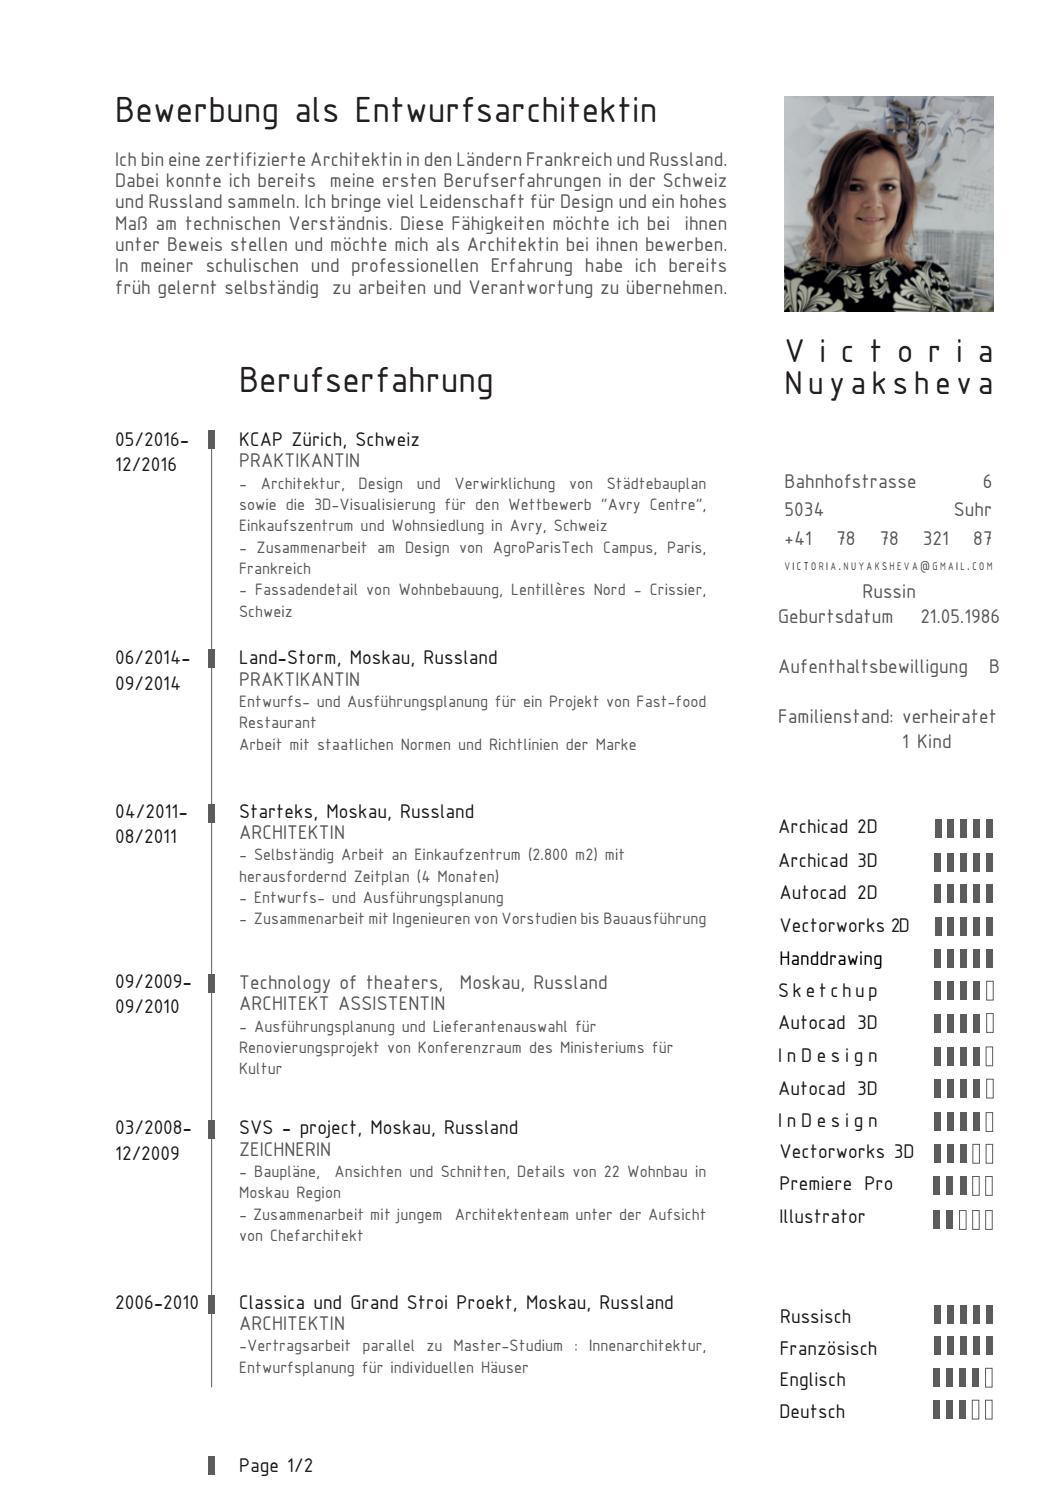 Großzügig Bester Freier Lebenslauf Erbauer Online Ideen - Entry ...